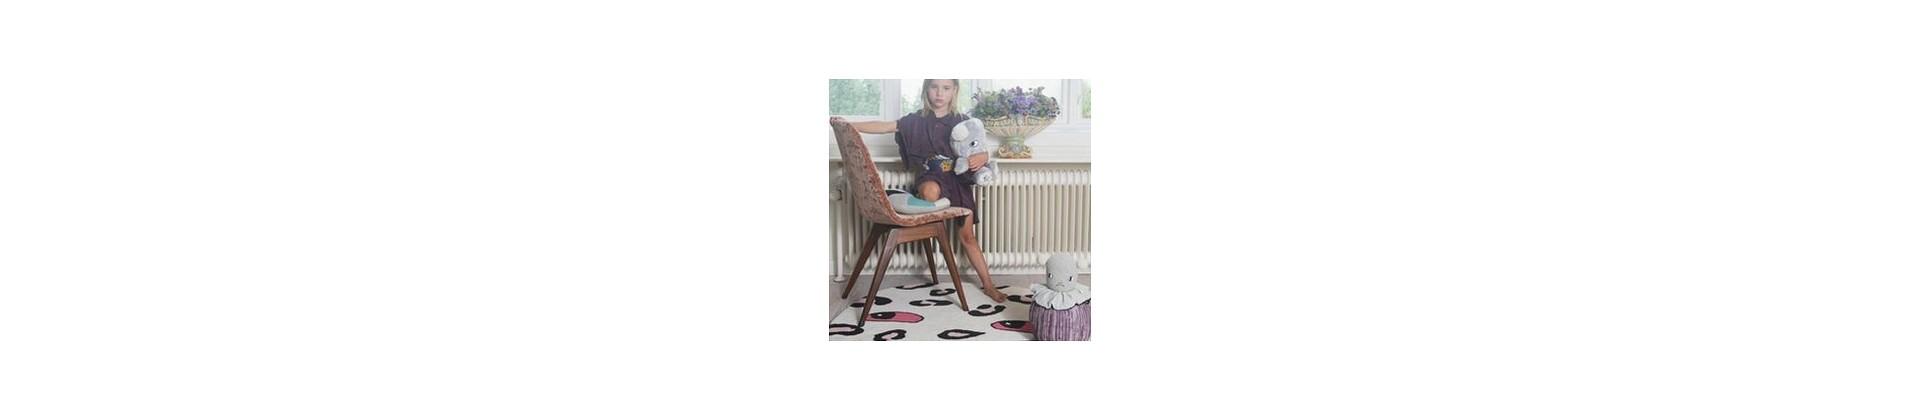 soldes bloomingville - soldes ferm living -  vaisselle et décoration scandinave